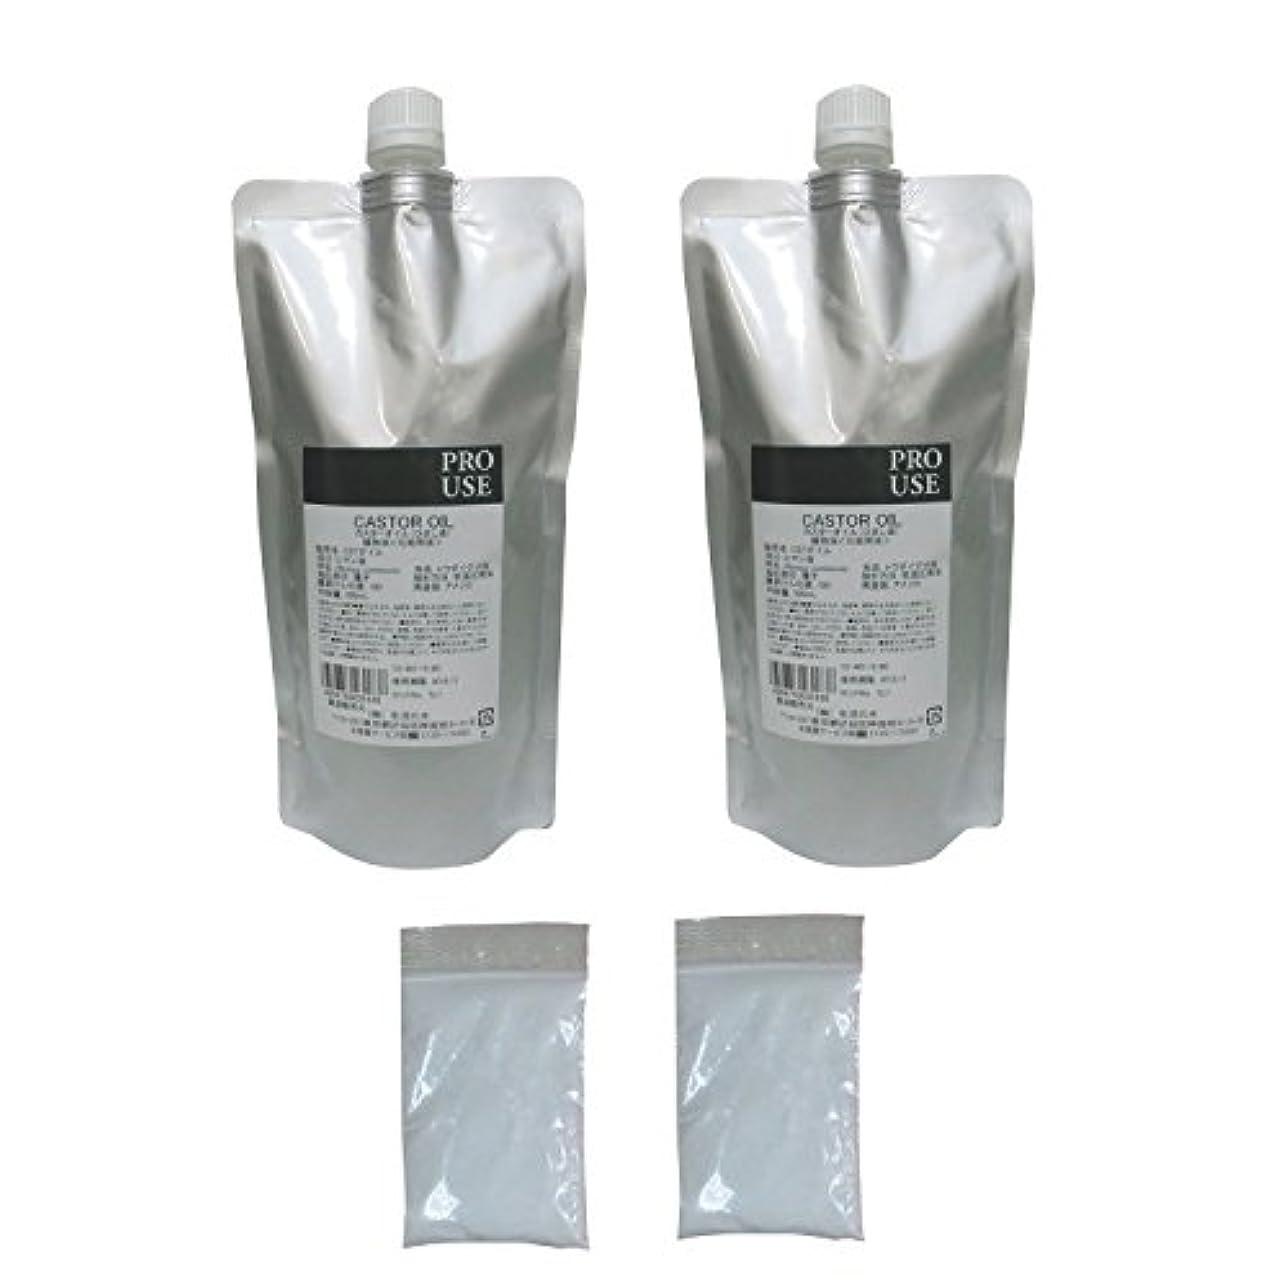 細断スポンジ異常カスターオイル ひまし油500ml 2個組 (重層2袋付)